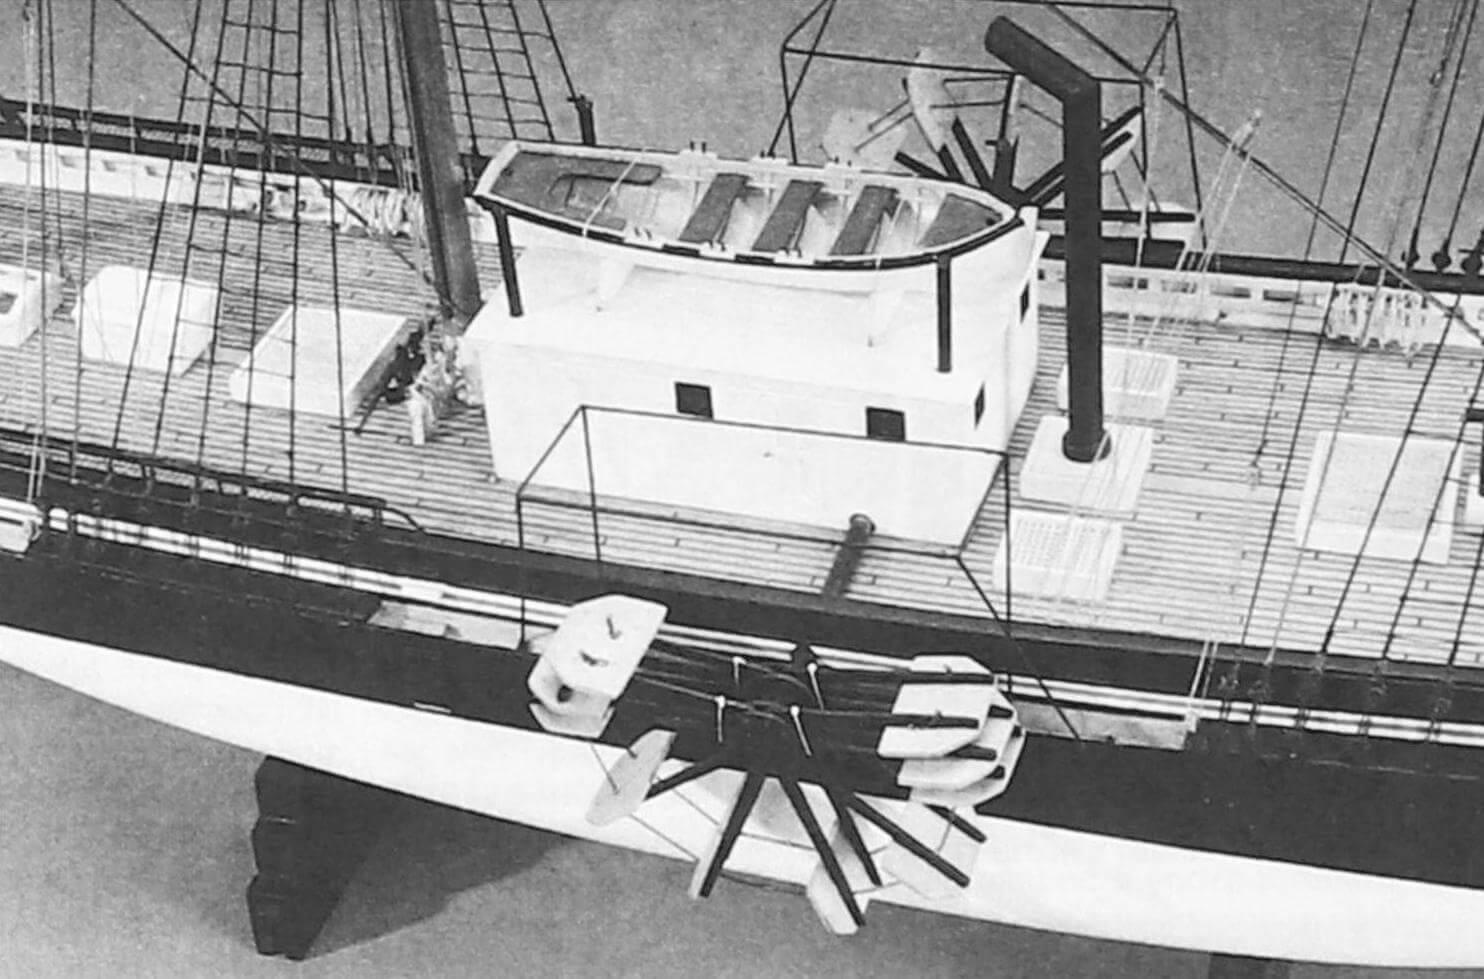 Модель «Саванны» в целом соответствует внешнему виду оригинала, хотя относительно окраски подводной части корпуса имеются вопросы (возможно, она была зеленой)